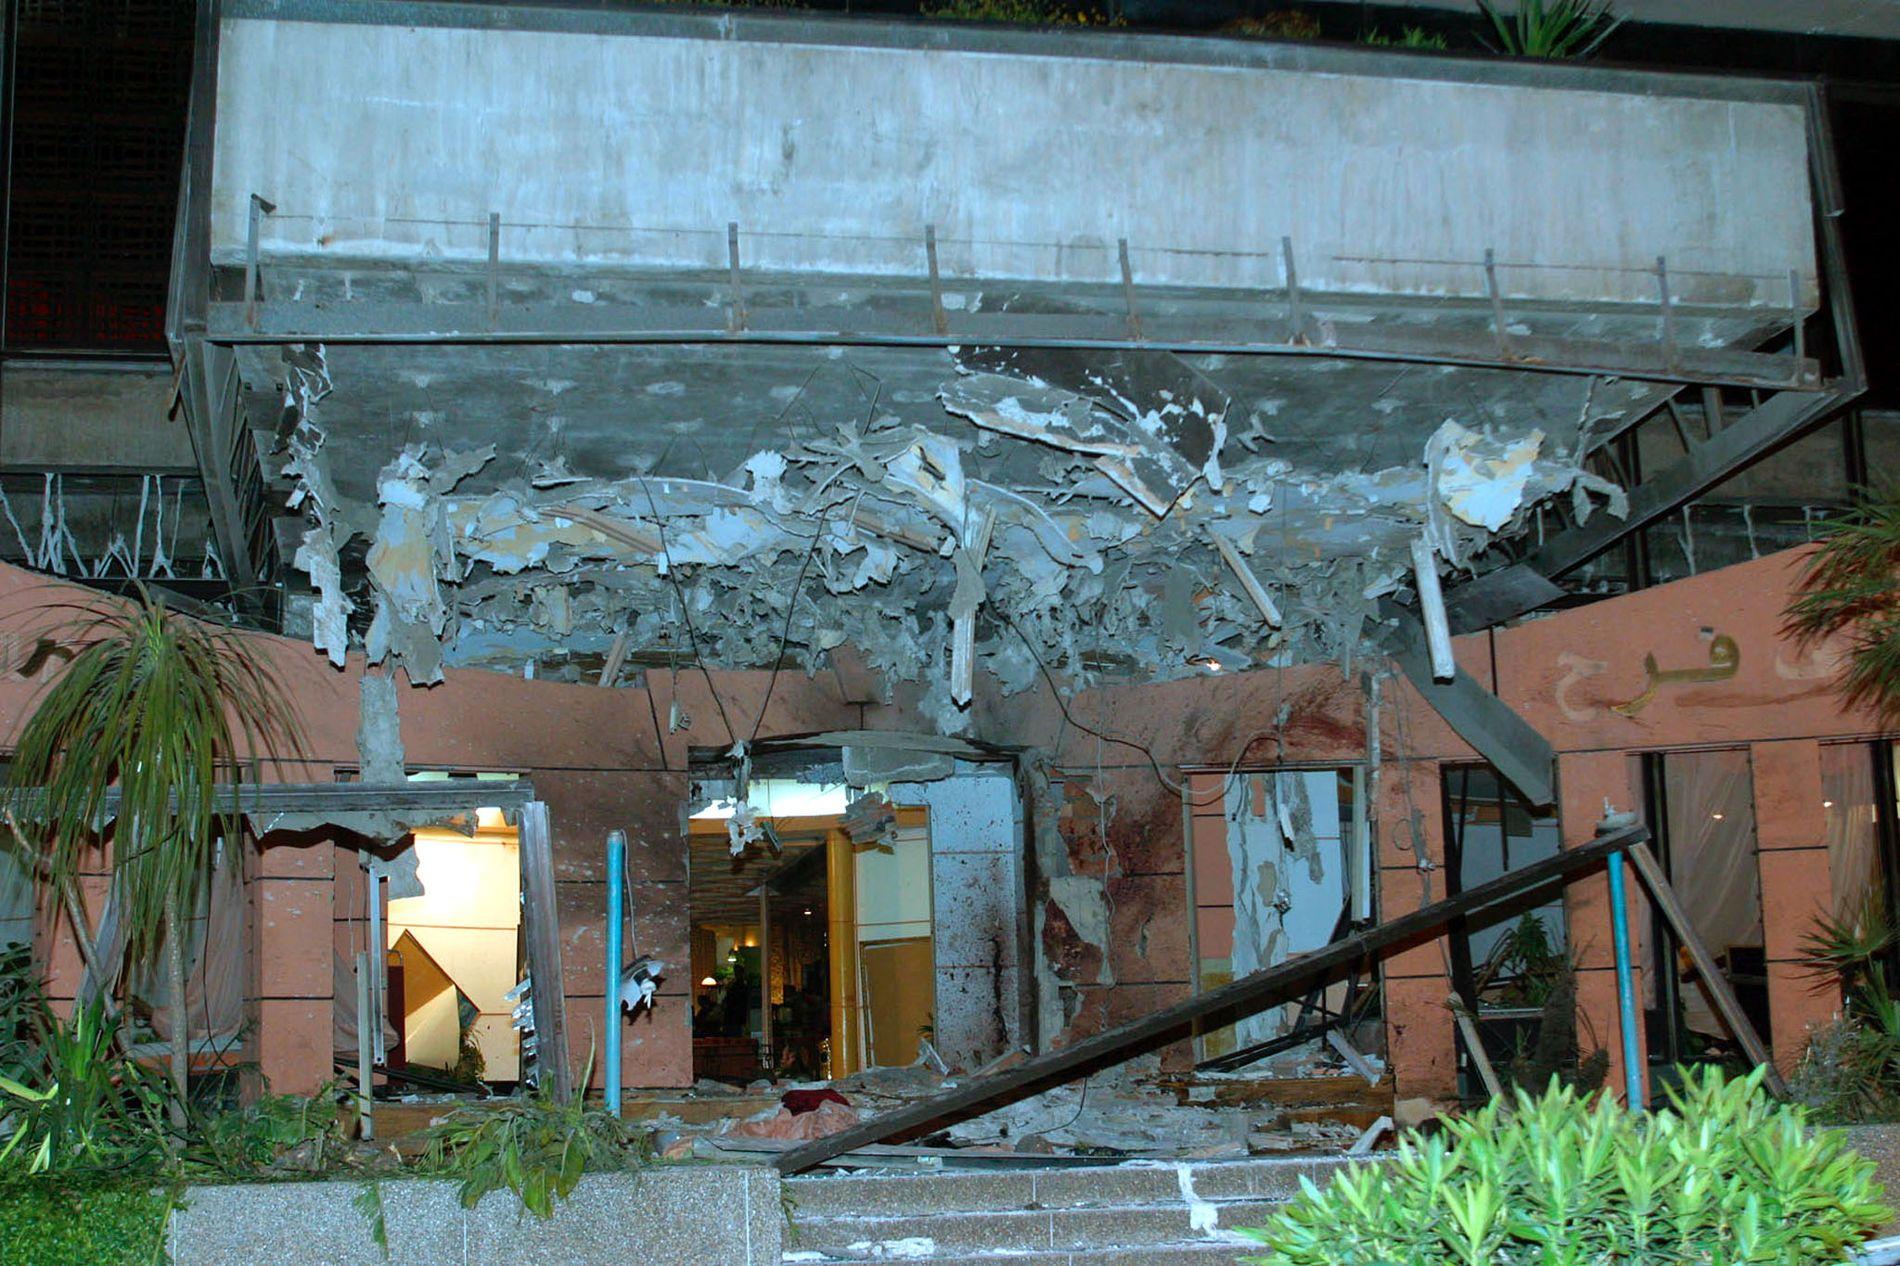 MASSEARRESTASJONER: 45 mennesker ble drept i tre koordinerte terrorangrep i Casablanca 17. mai 2003. Over 3000 personer ble arrestert i etterkant. Bildet viser fasaden til Hotel Farah Safer. Her ble 24 mennesker drept.